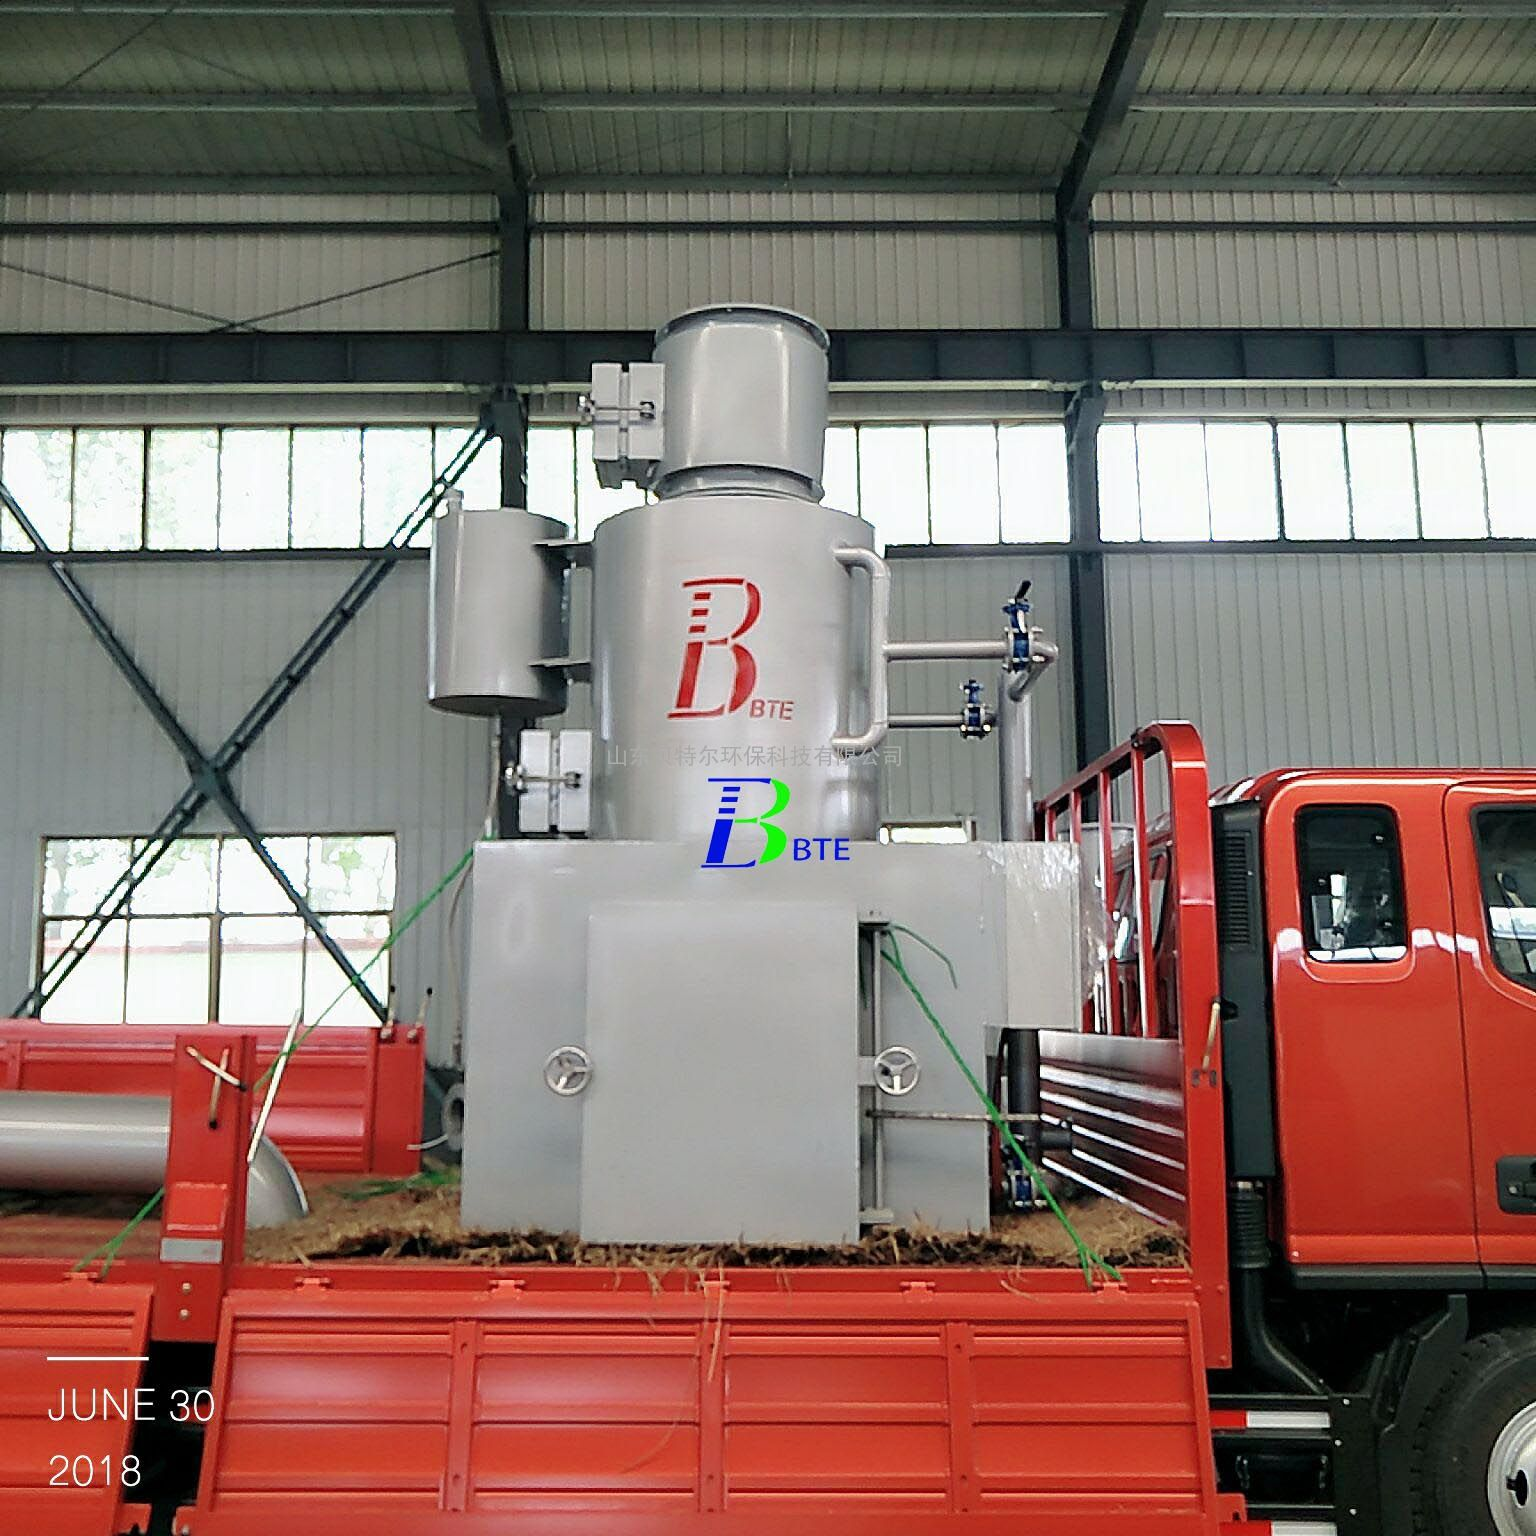 小型工业废弃物垃圾焚烧炉 贝特尔环保 技术先进